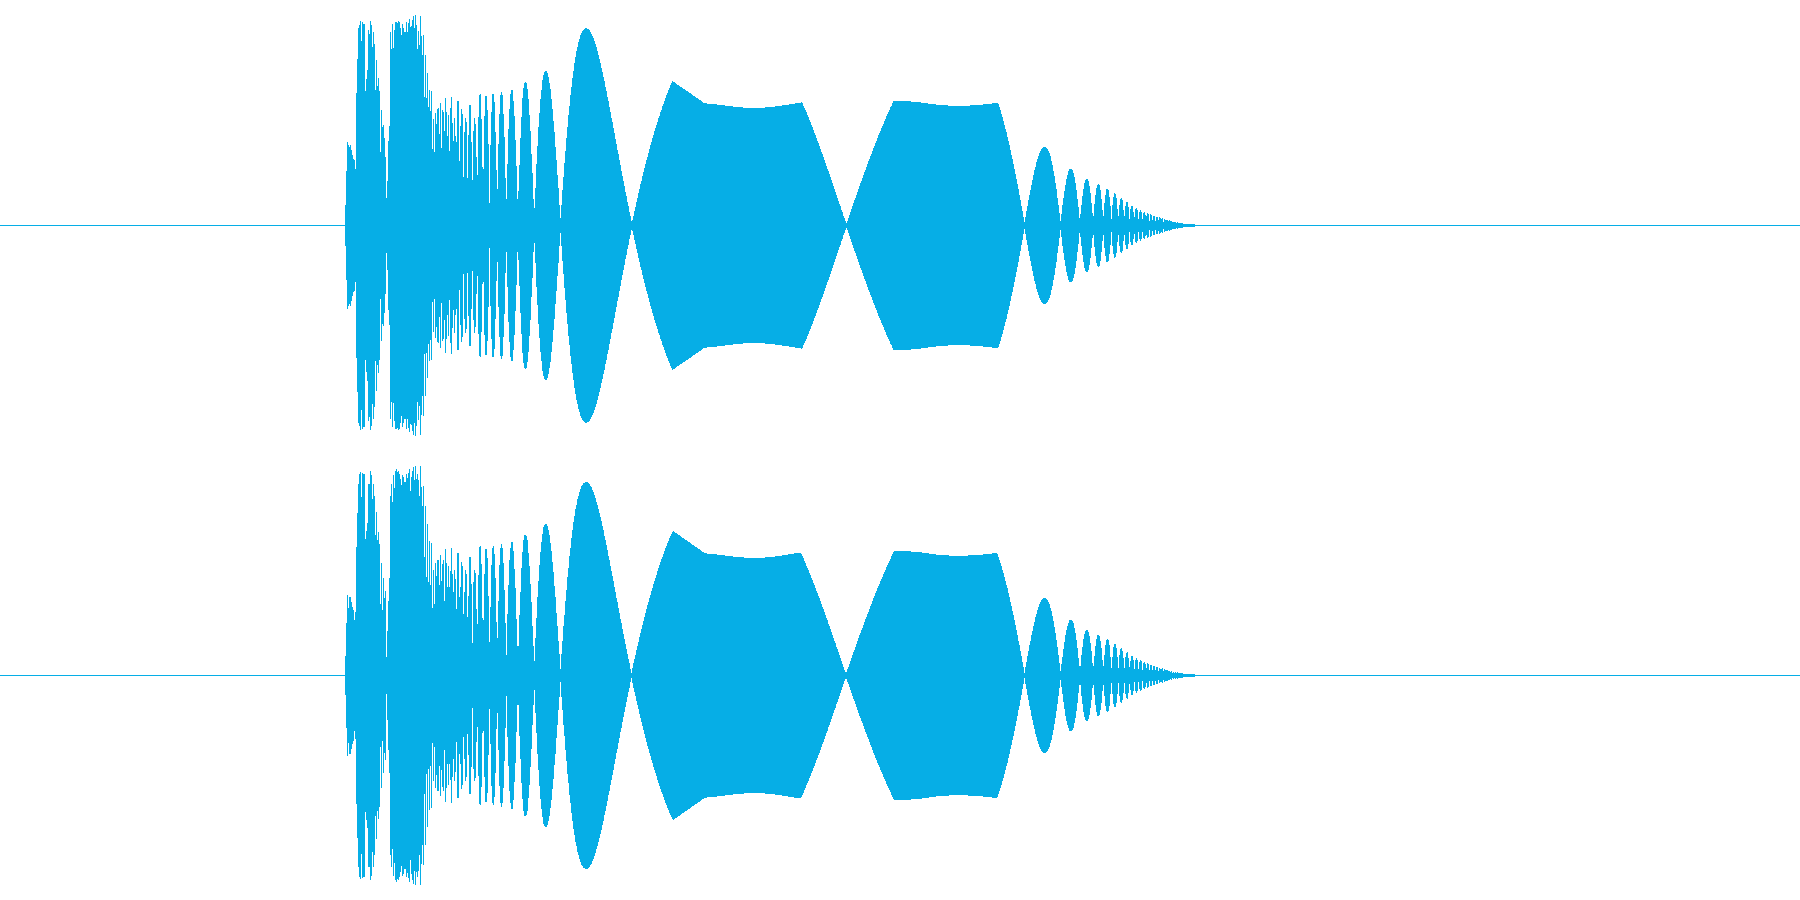 プチュ!【やわらかい音】の再生済みの波形